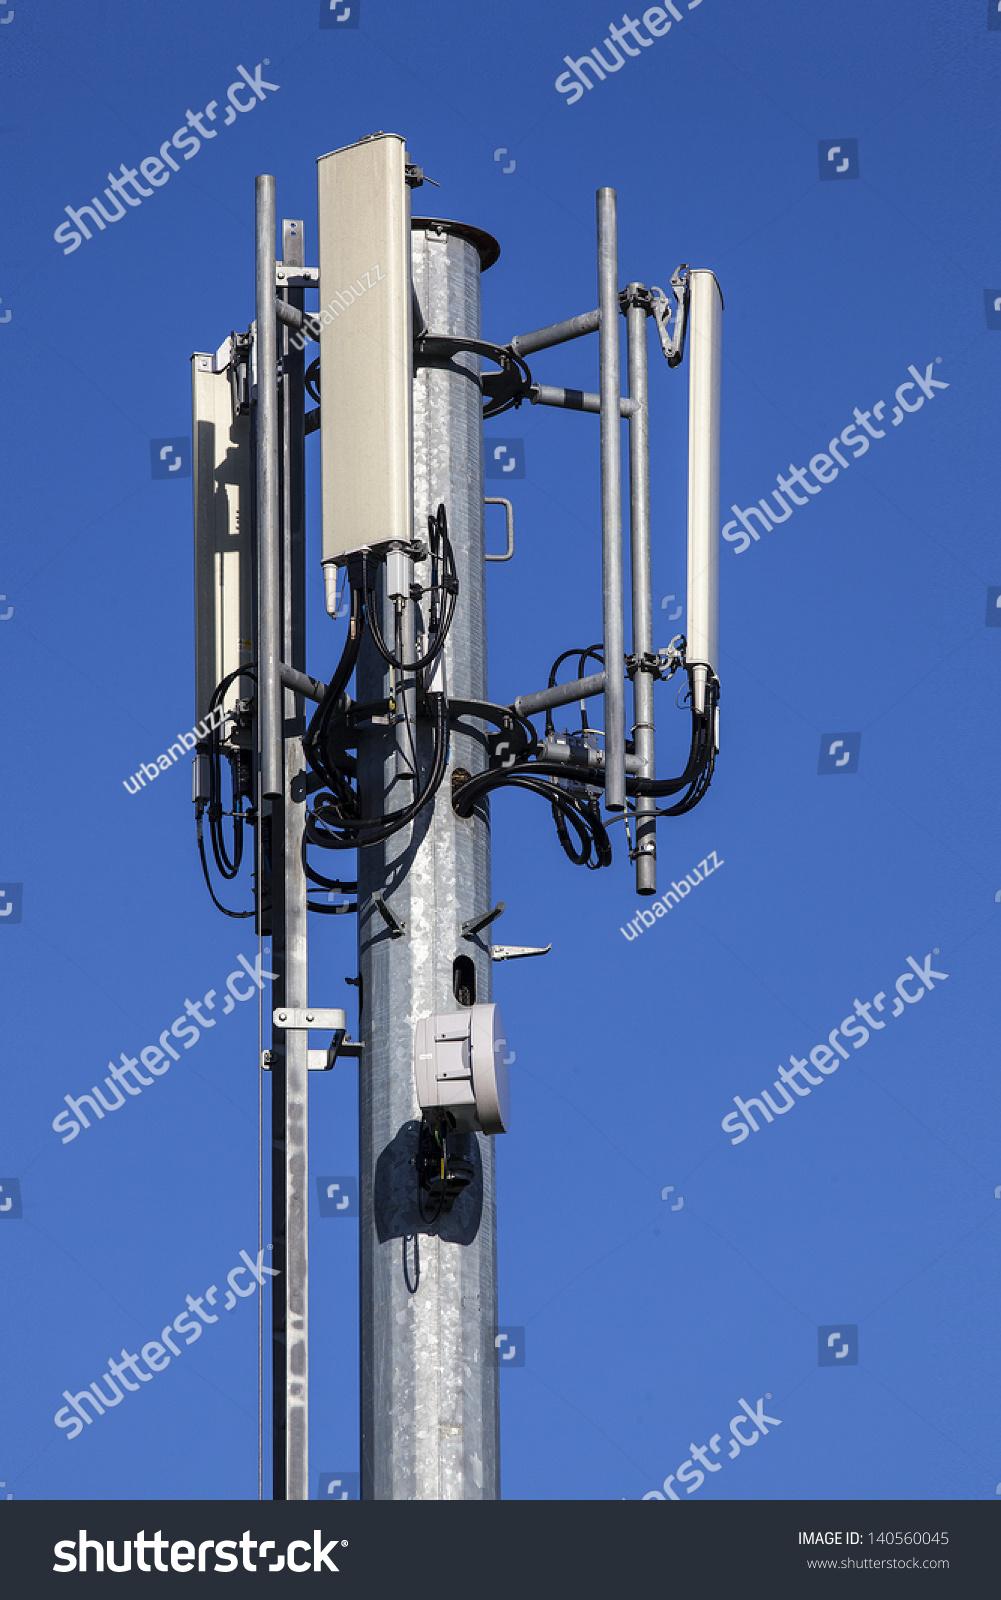 发射塔和无线电天线在蓝色的天空-物体,科技-海洛创意